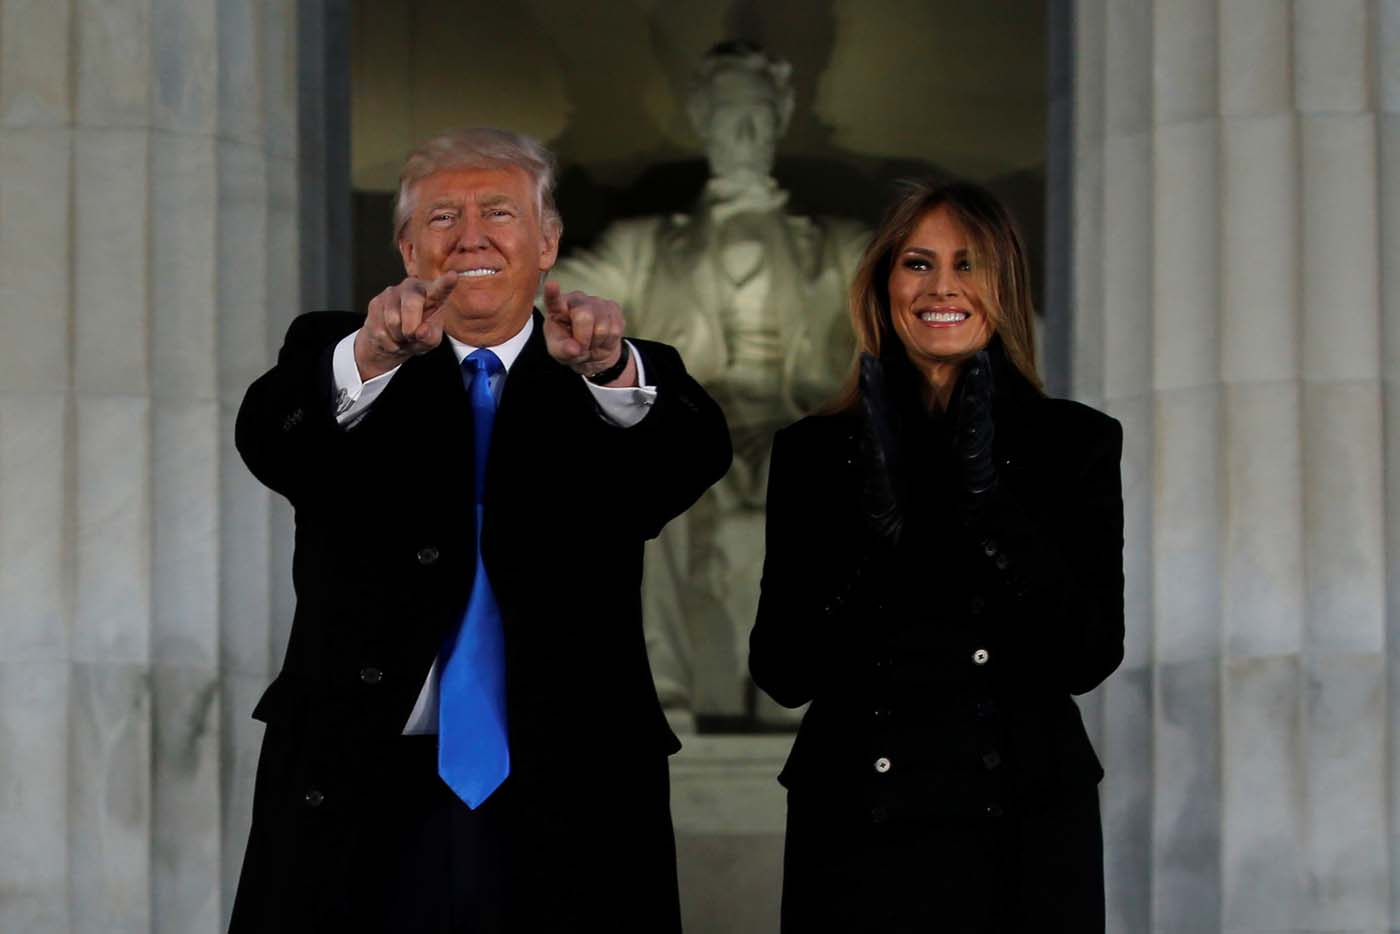 """Trump participa en un concierto de bienvenida de """"Make America Great Again"""" en Washington, Estados Unidos. Donald Trump será investido el viernes como el cuadragésimo quinto presidente de Estados Unidos y asumirá la conducción de un país dividido luego una dura campaña electoral, adentrándolo en una senda nueva e incierta tanto a nivel local como internacional.REUTERS/Jonathan Ernst"""